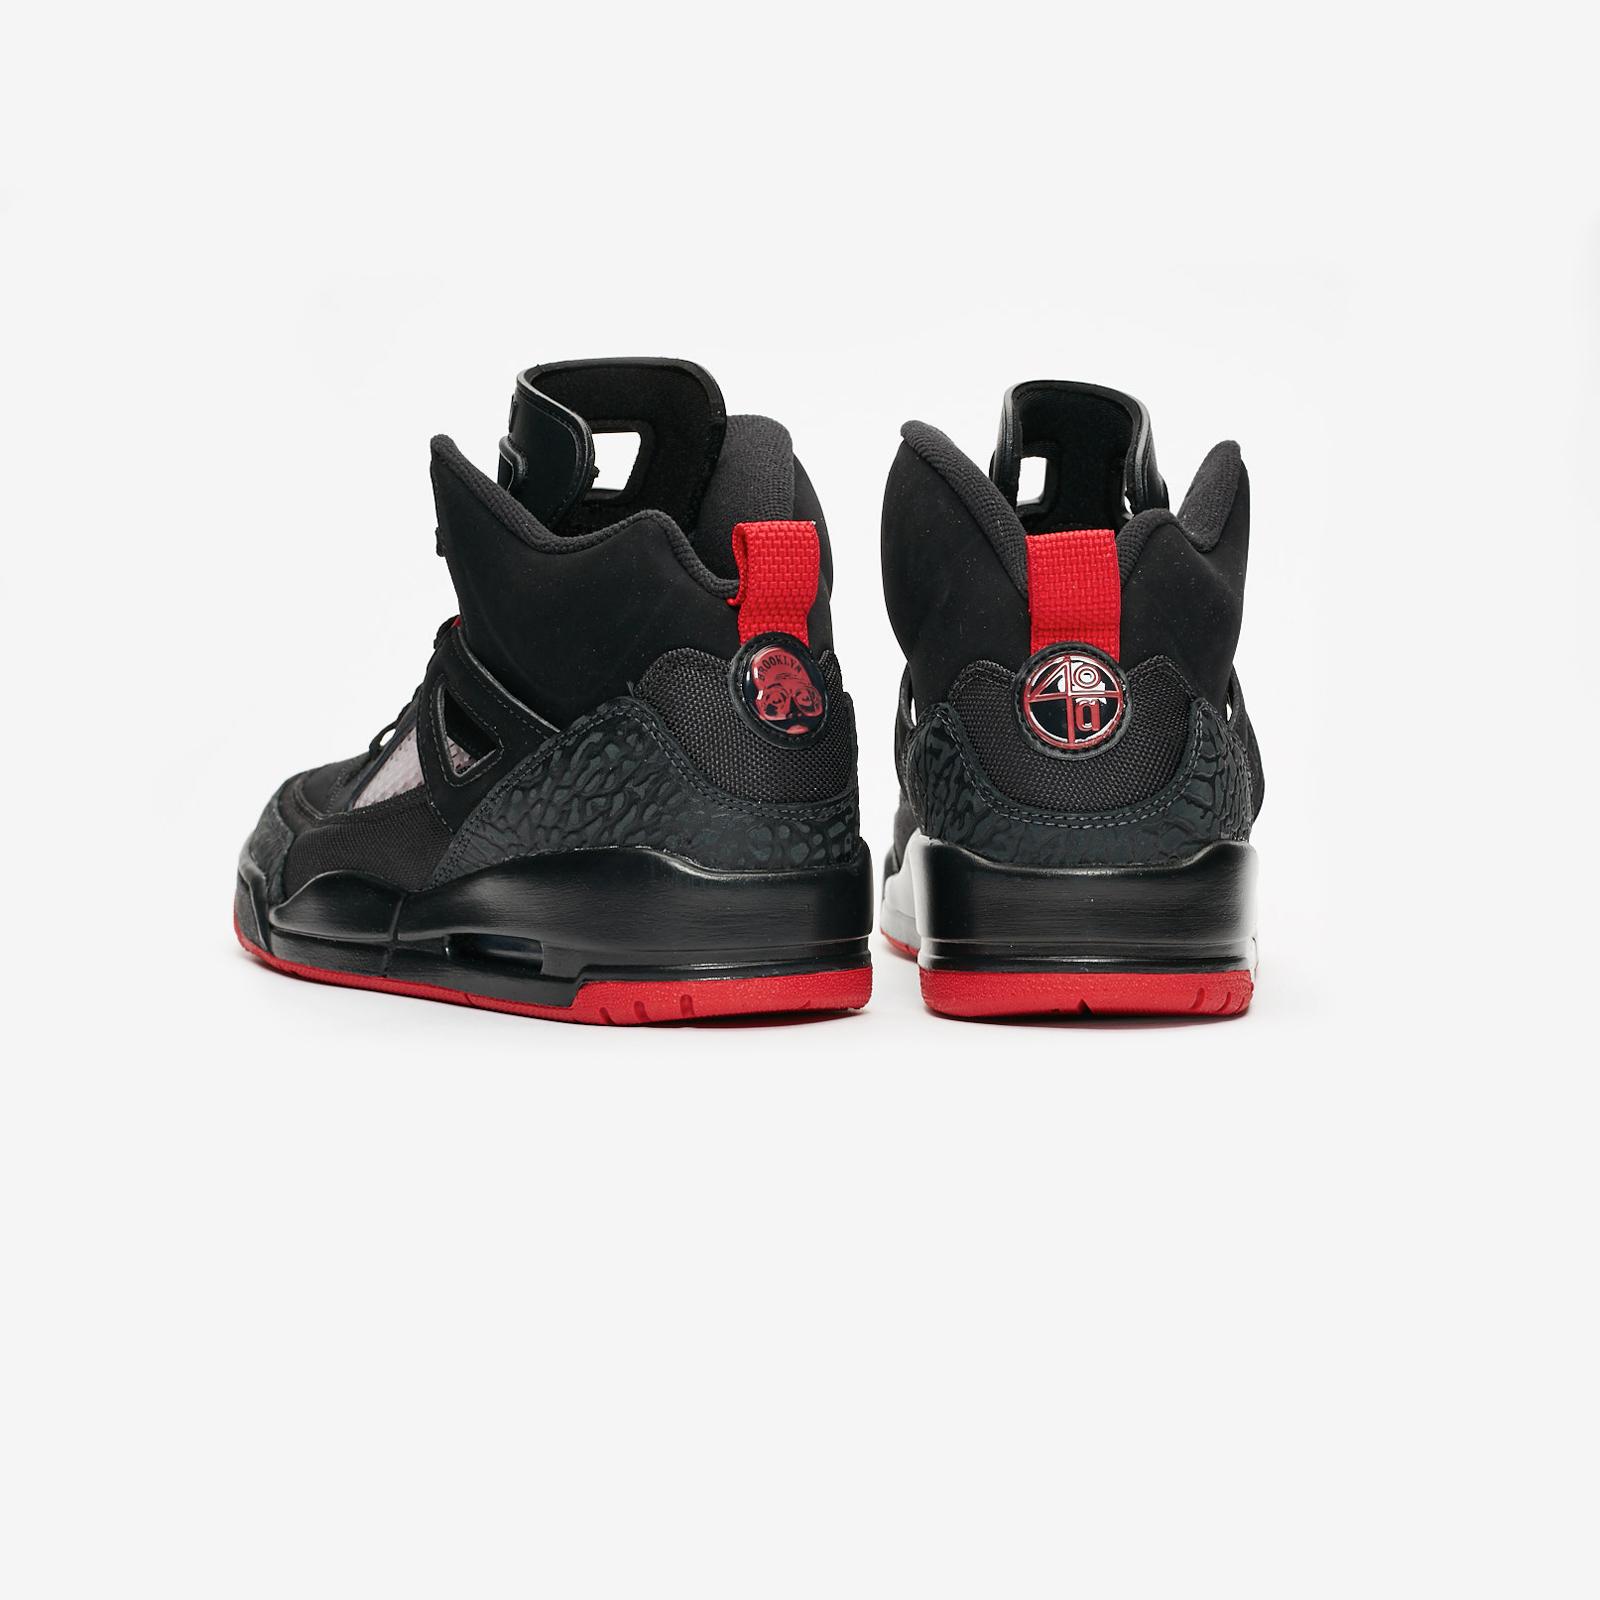 9c659f28ced1 Jordan Brand Jordan Spizike - 315371-006 - Sneakersnstuff I Sneakers    Streetwear online seit 1999